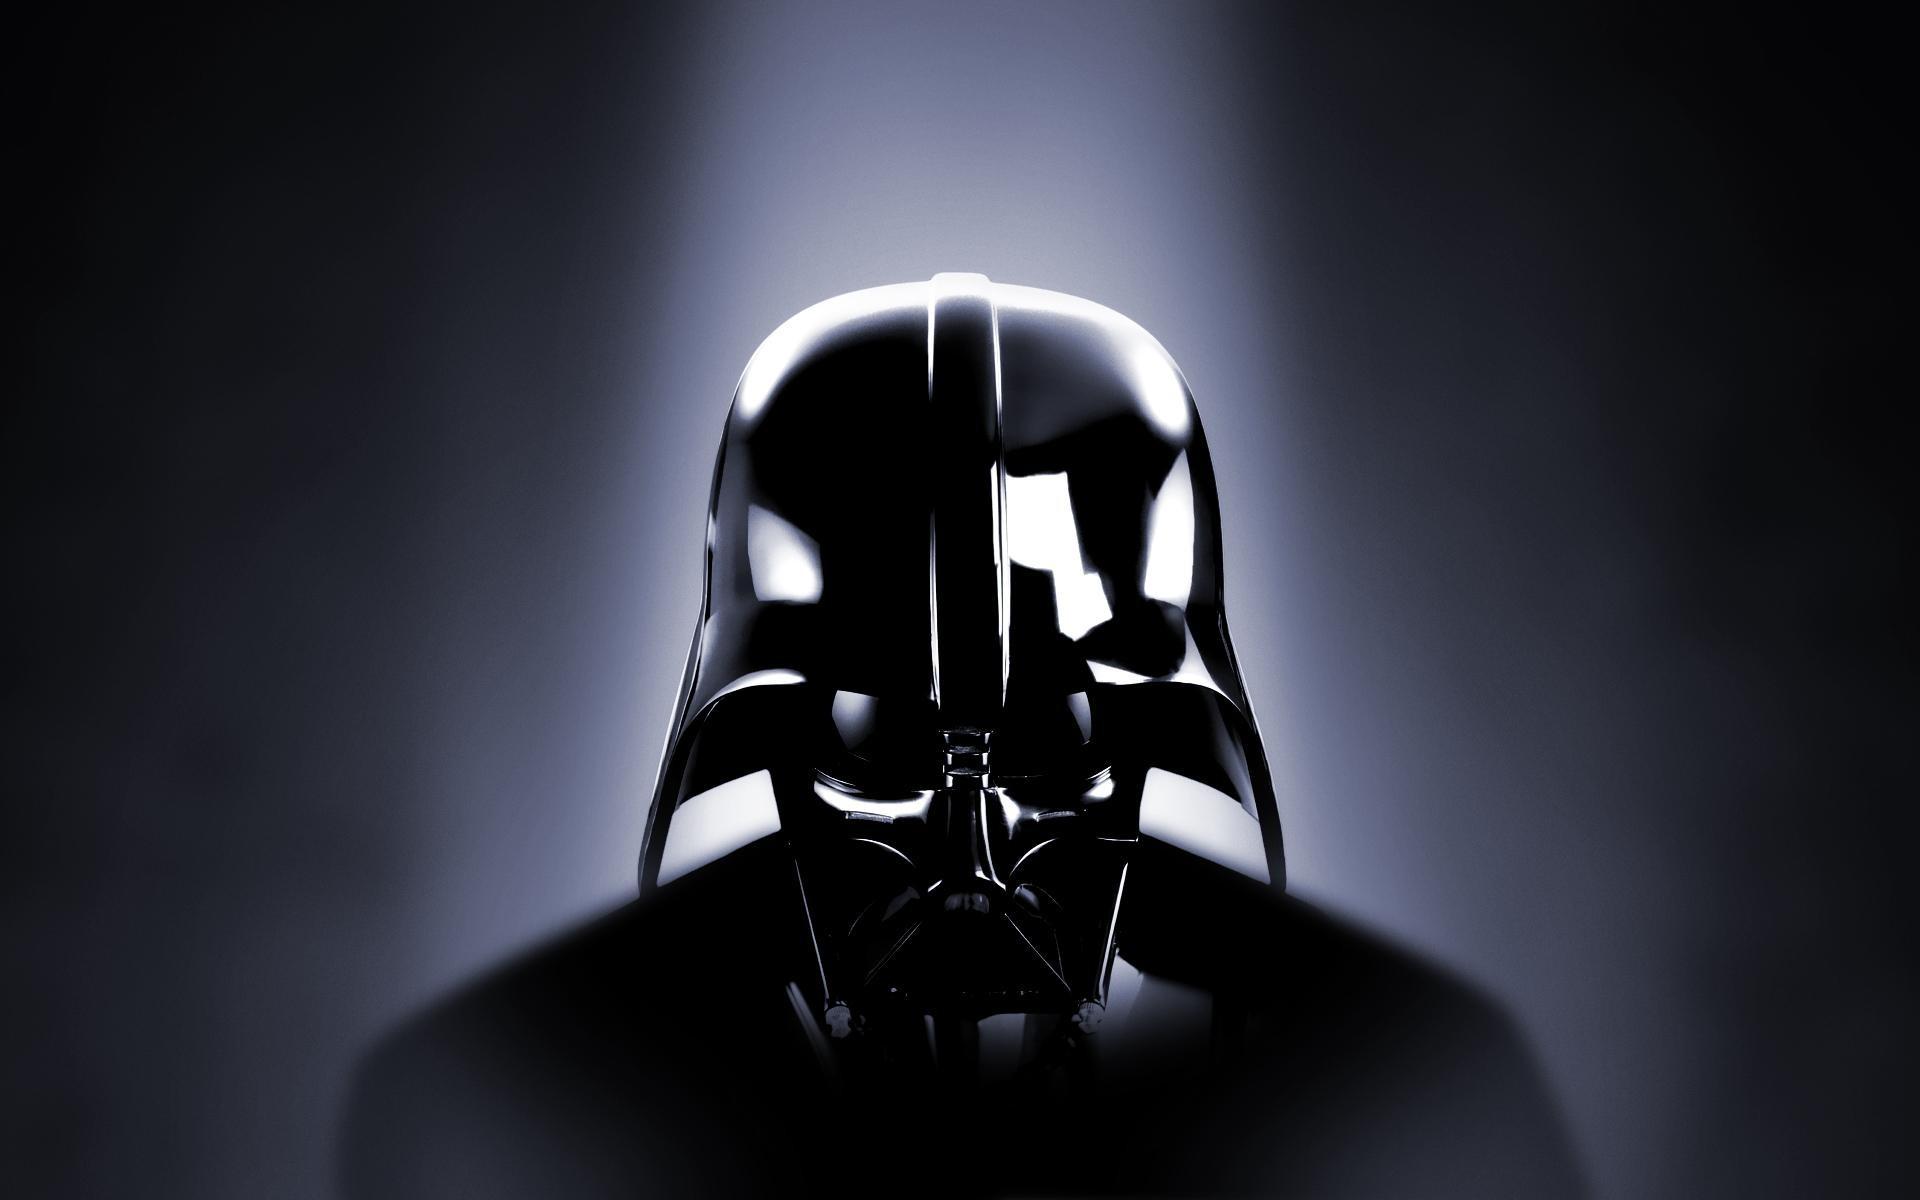 Casco Vader Wallpaper